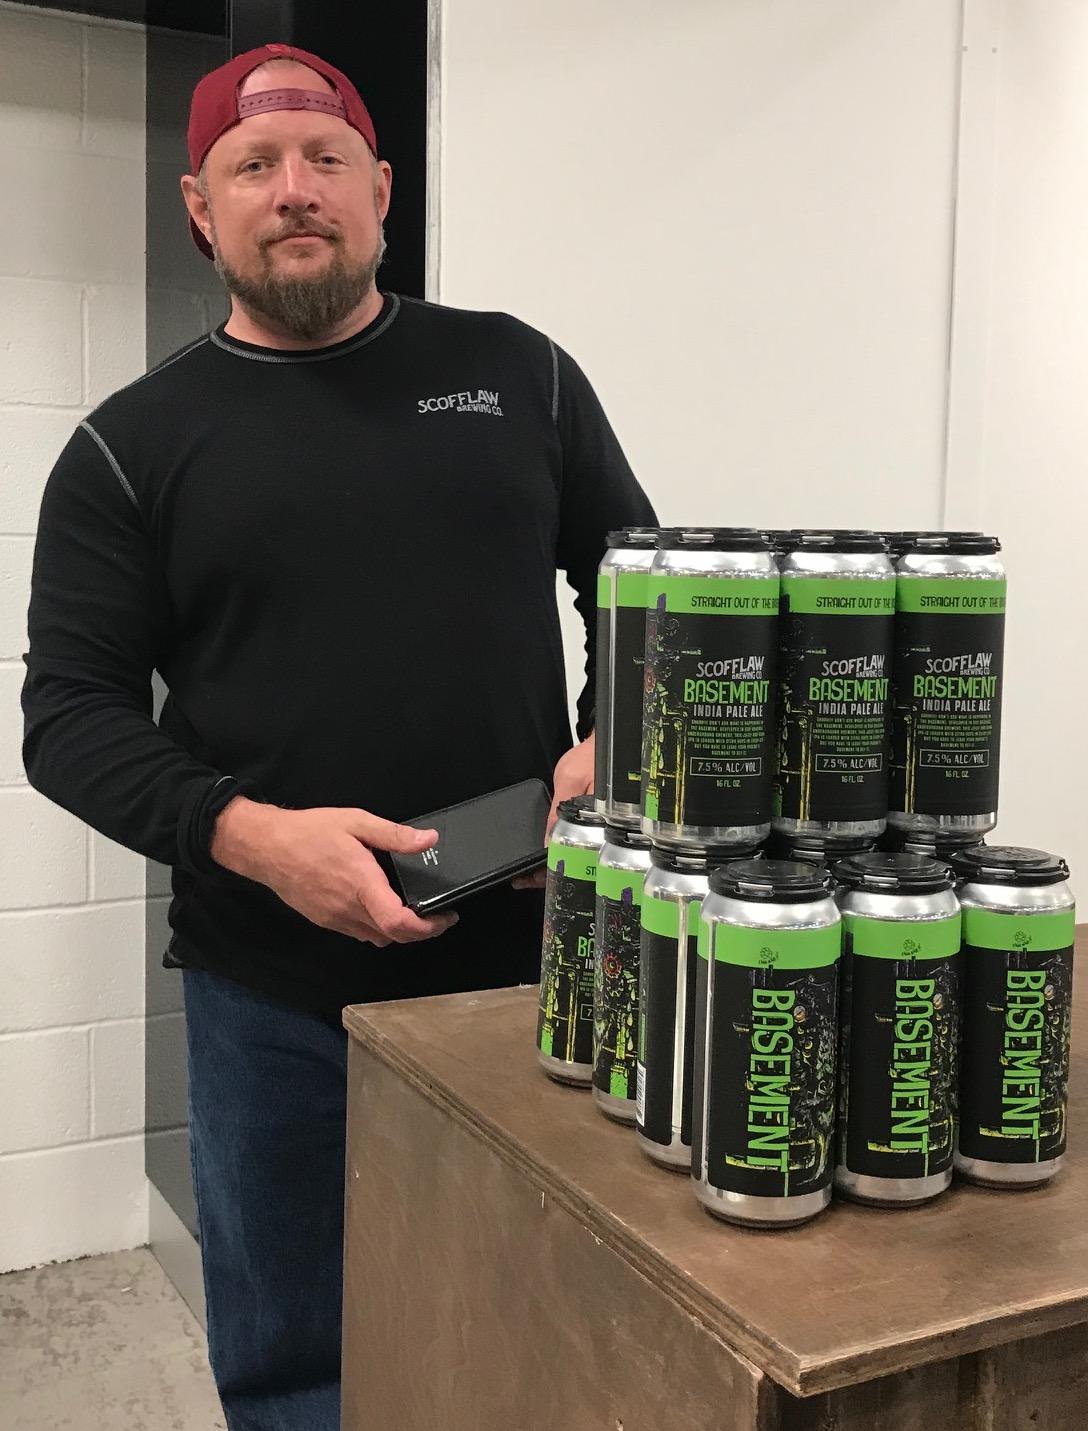 Matt Shirah Scofflaw stands beside his famed Basement IPA craft beer